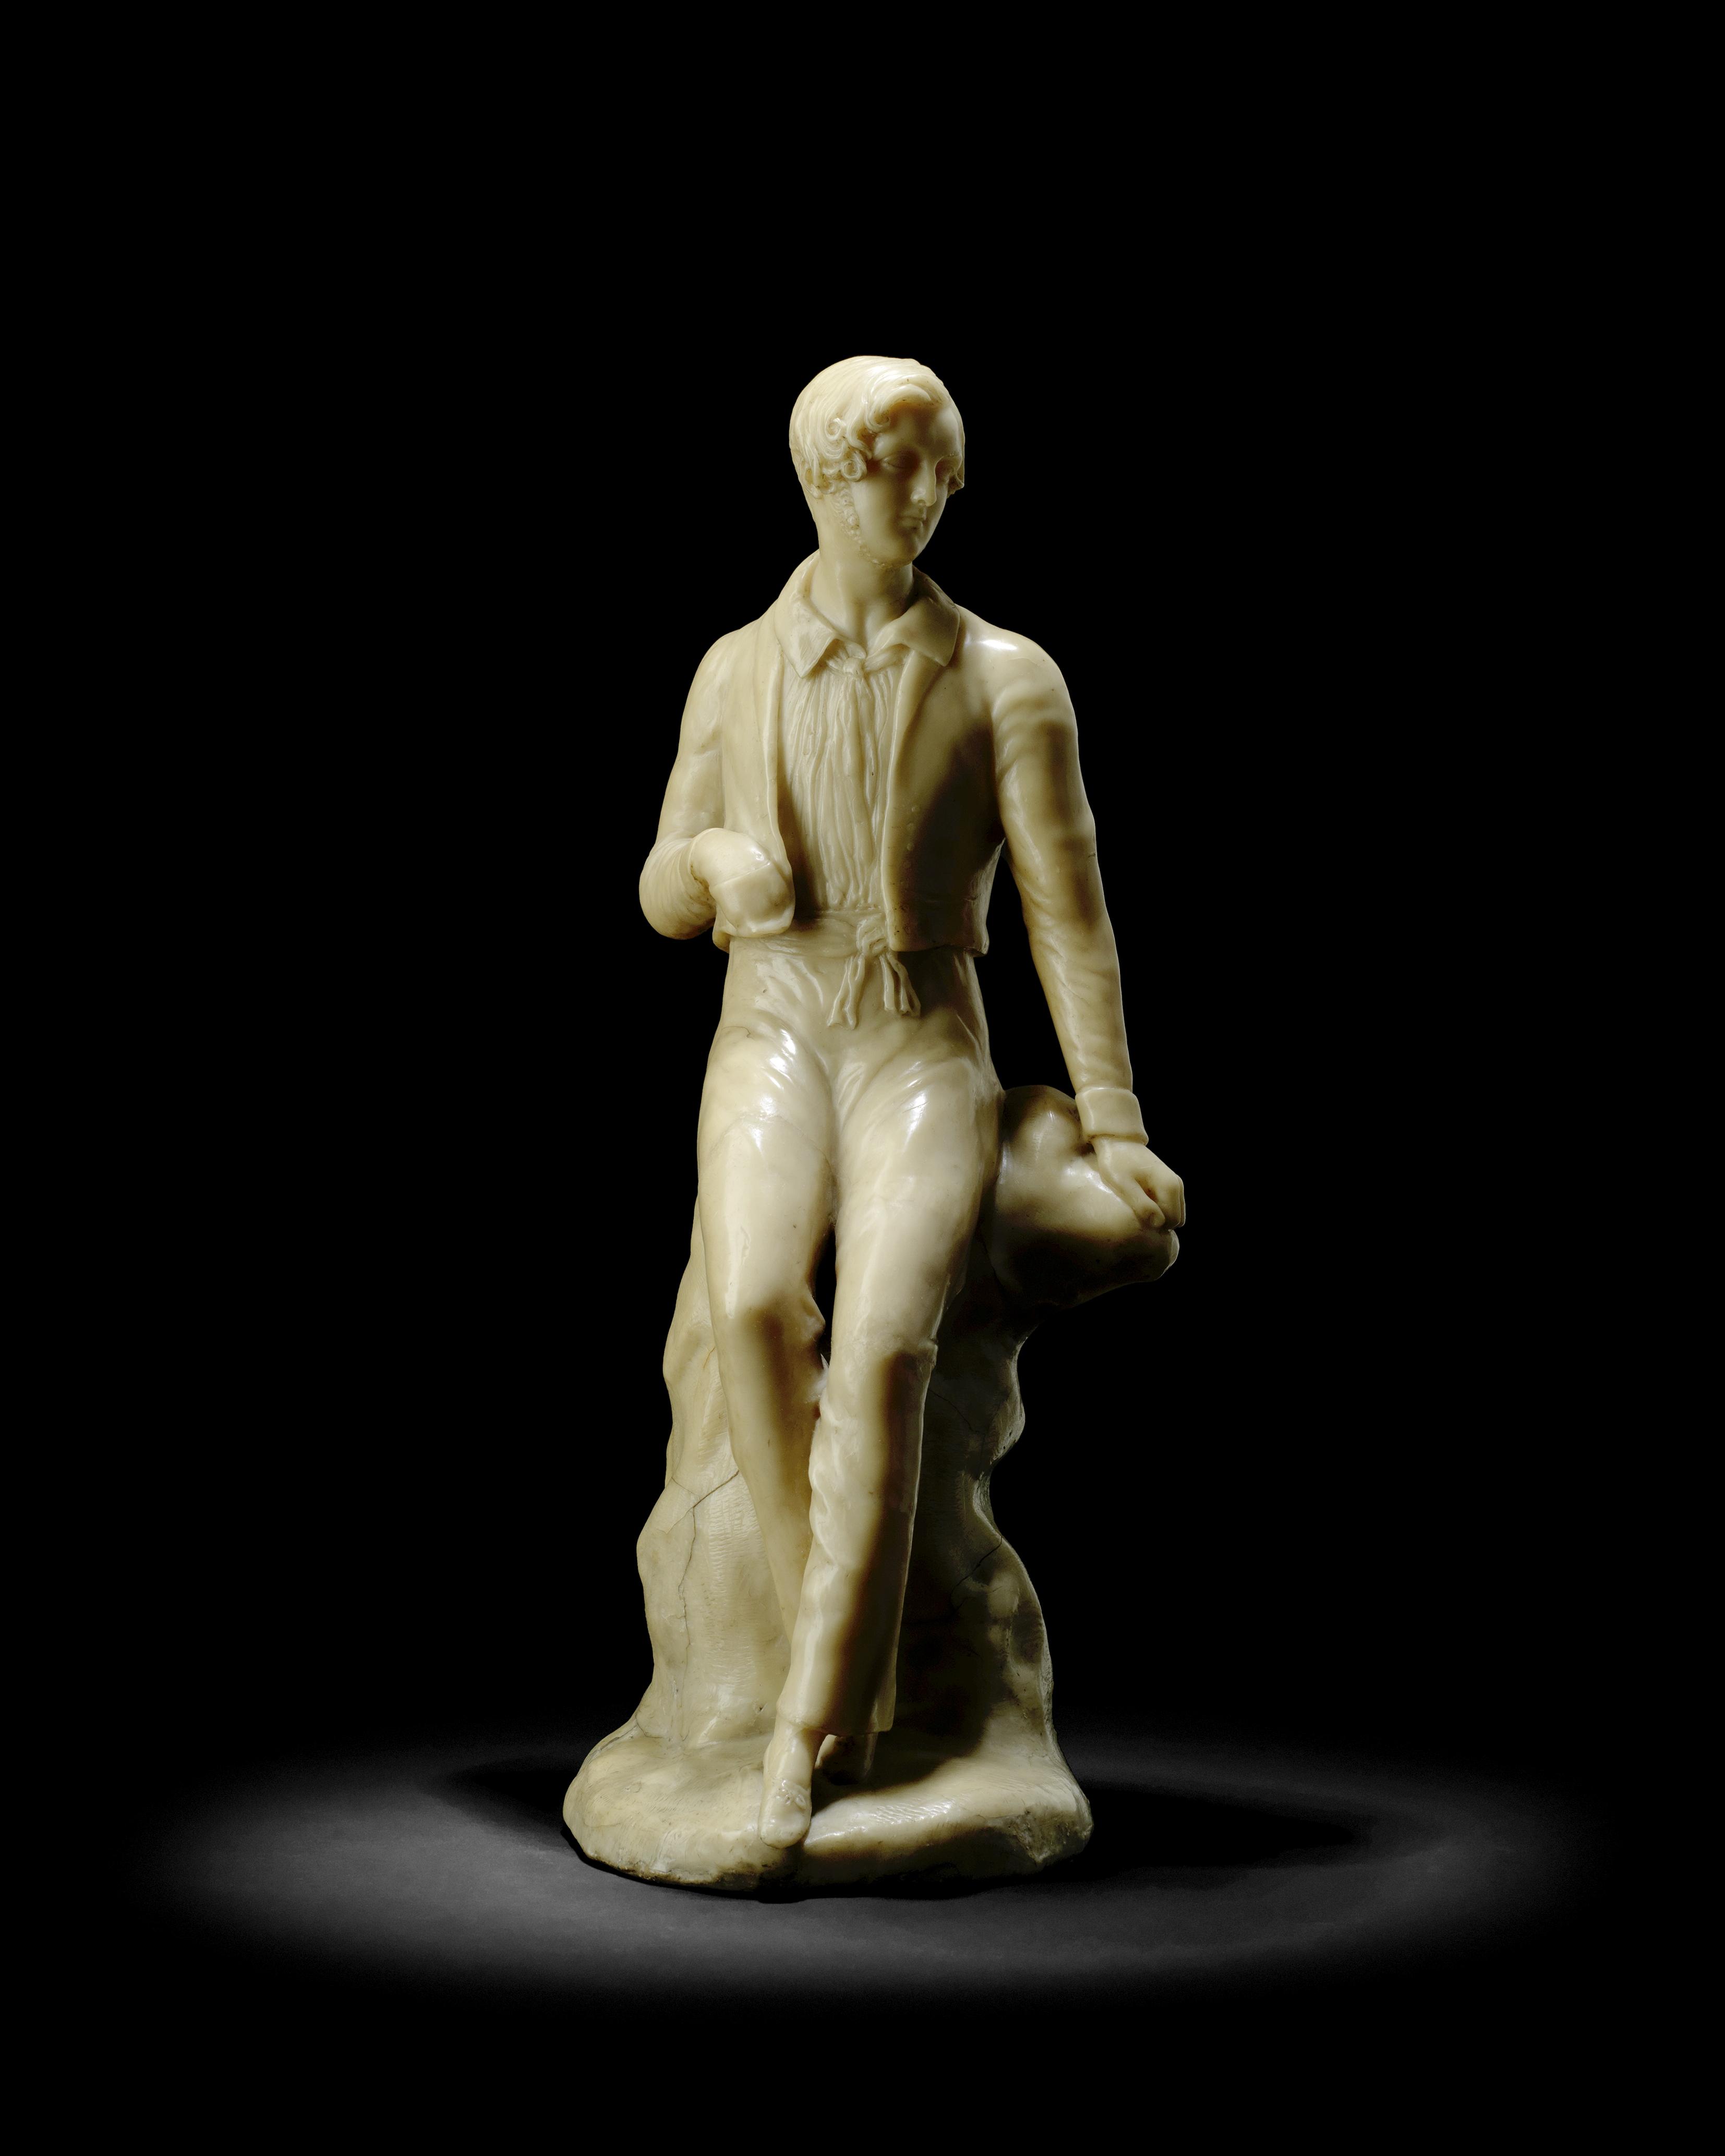 Lot 41 - Richard Cockle Lucas (British 1800-1883): A second quarter 19th Century wax portrait figure of a ...